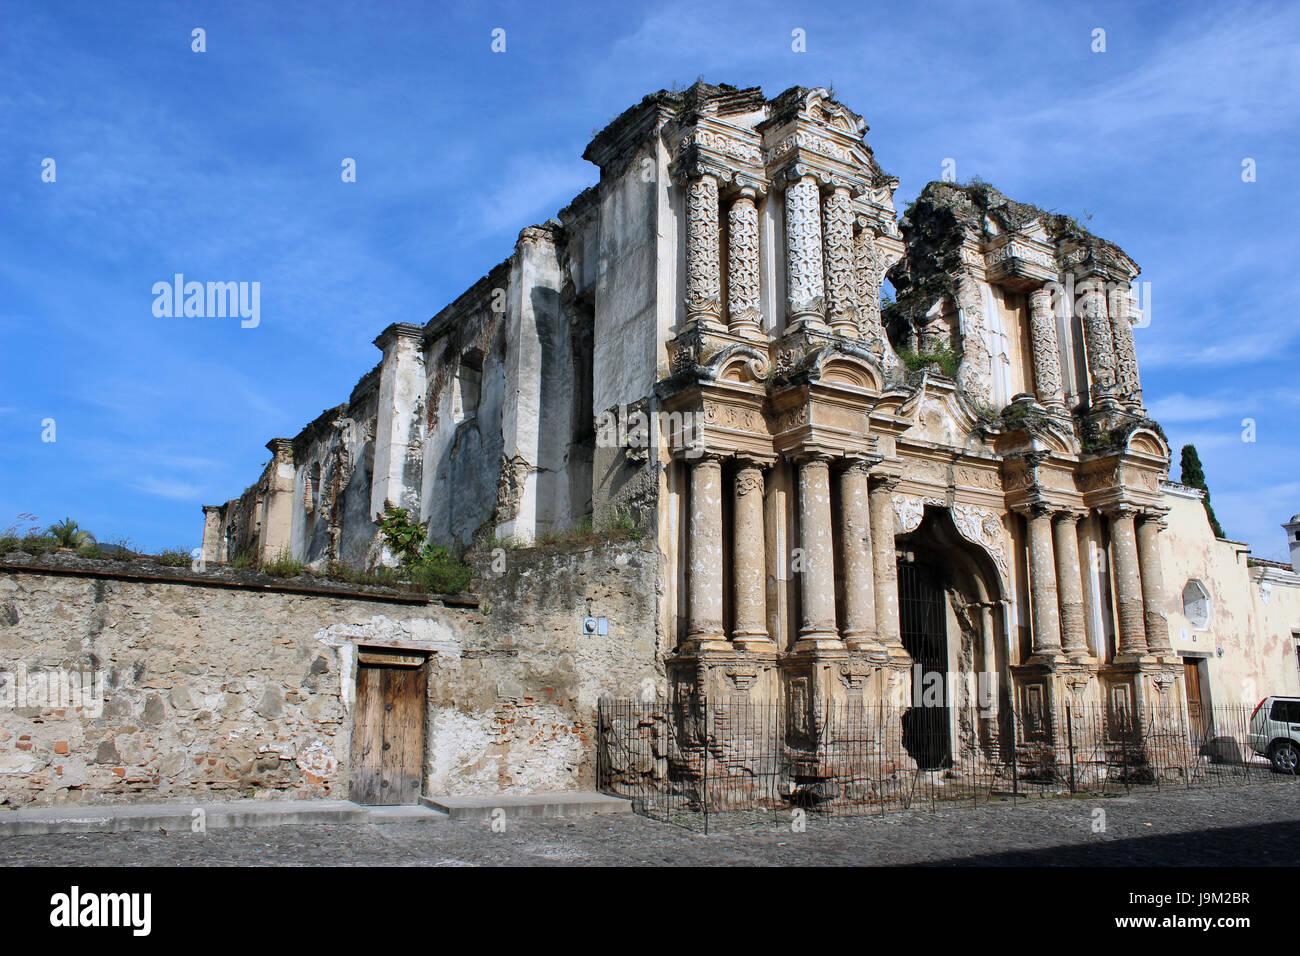 Ruinas de la Iglesia en La Antigua Guatemala, ciudad colonial patrimonio cultural de la humanidad segun la UNESCO, cuenta con muchas escuelas de español. Foto de stock